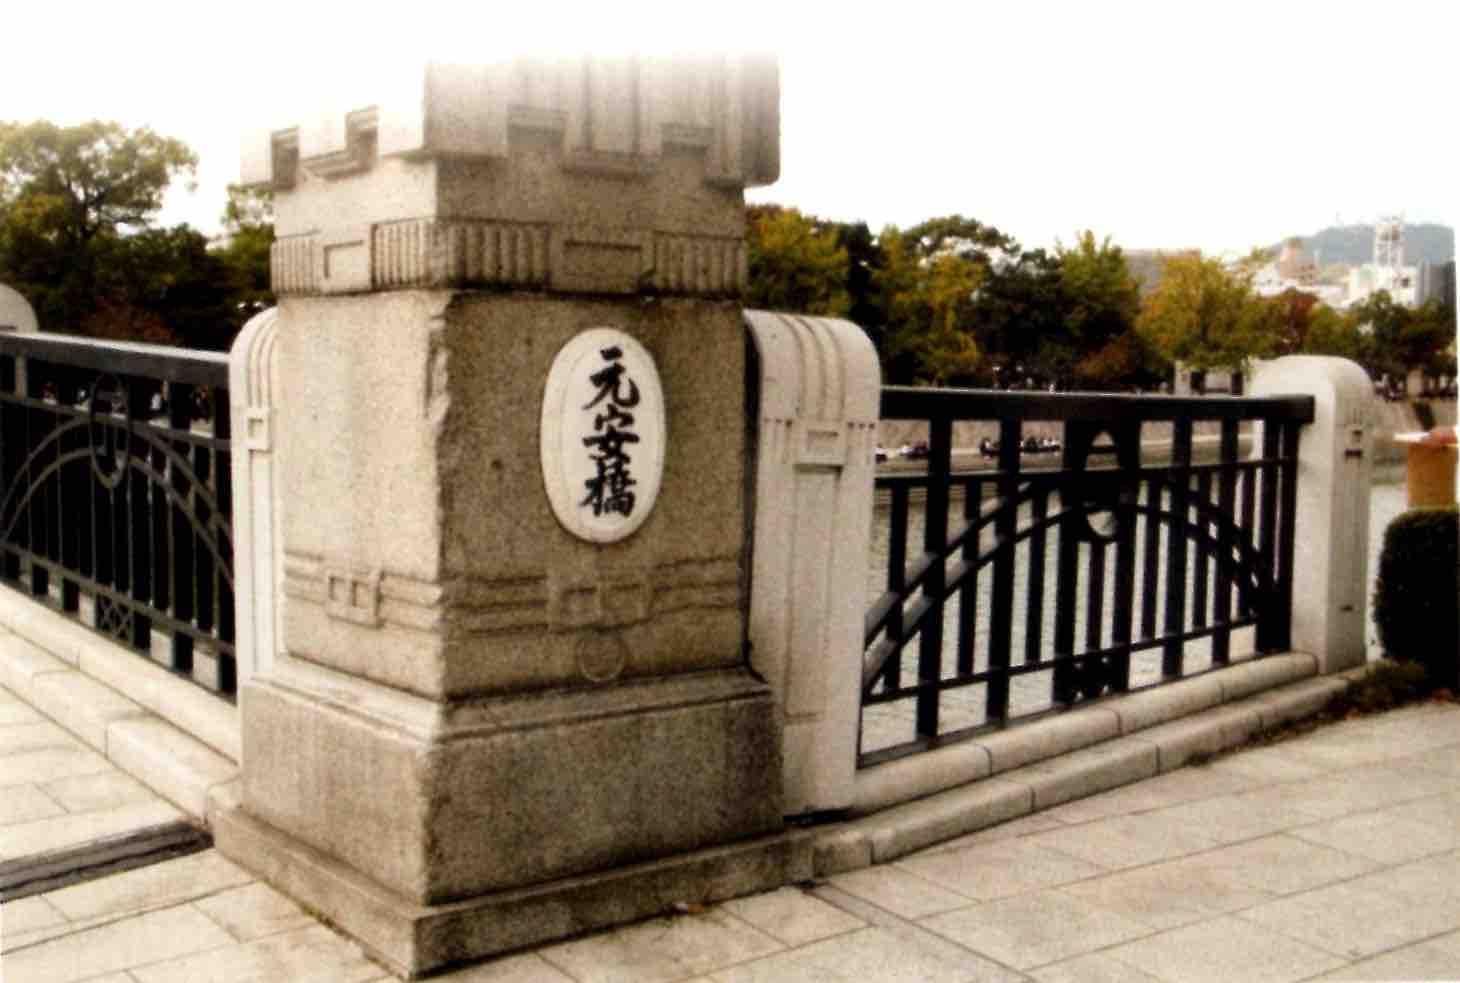 広島市の元安川にかかる橋、「もとやすばし」。橋の名前が親柱に漢字で書かれている。この橋は爆心地の原爆ドームの少し南にある。原爆の投下目標とされた、「あいおいばし」の一本南にかかる橋。出典は書籍『神秘の大樹 第二巻 ヒロシマとつる姫』